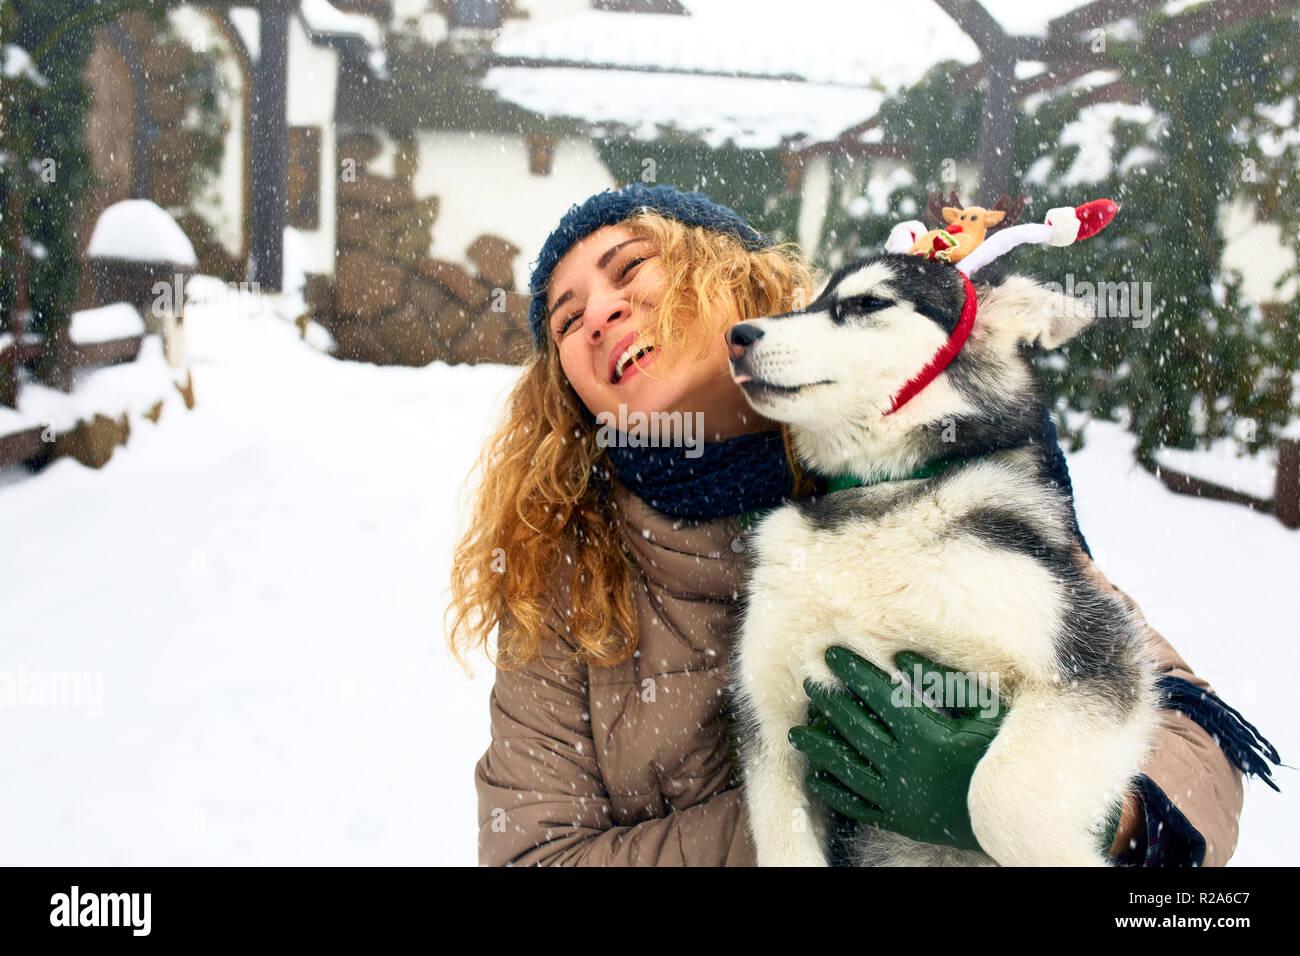 Atractiva mujer caucásica abrazos gracioso malamute perro vistiendo santa queridos astas de navidad. Rizado mujer sonriente divirtiéndose con cachorro huskie en año nuevo. El Pet es el mejor regalo. Doggy lamer cara de la niña. Foto de stock